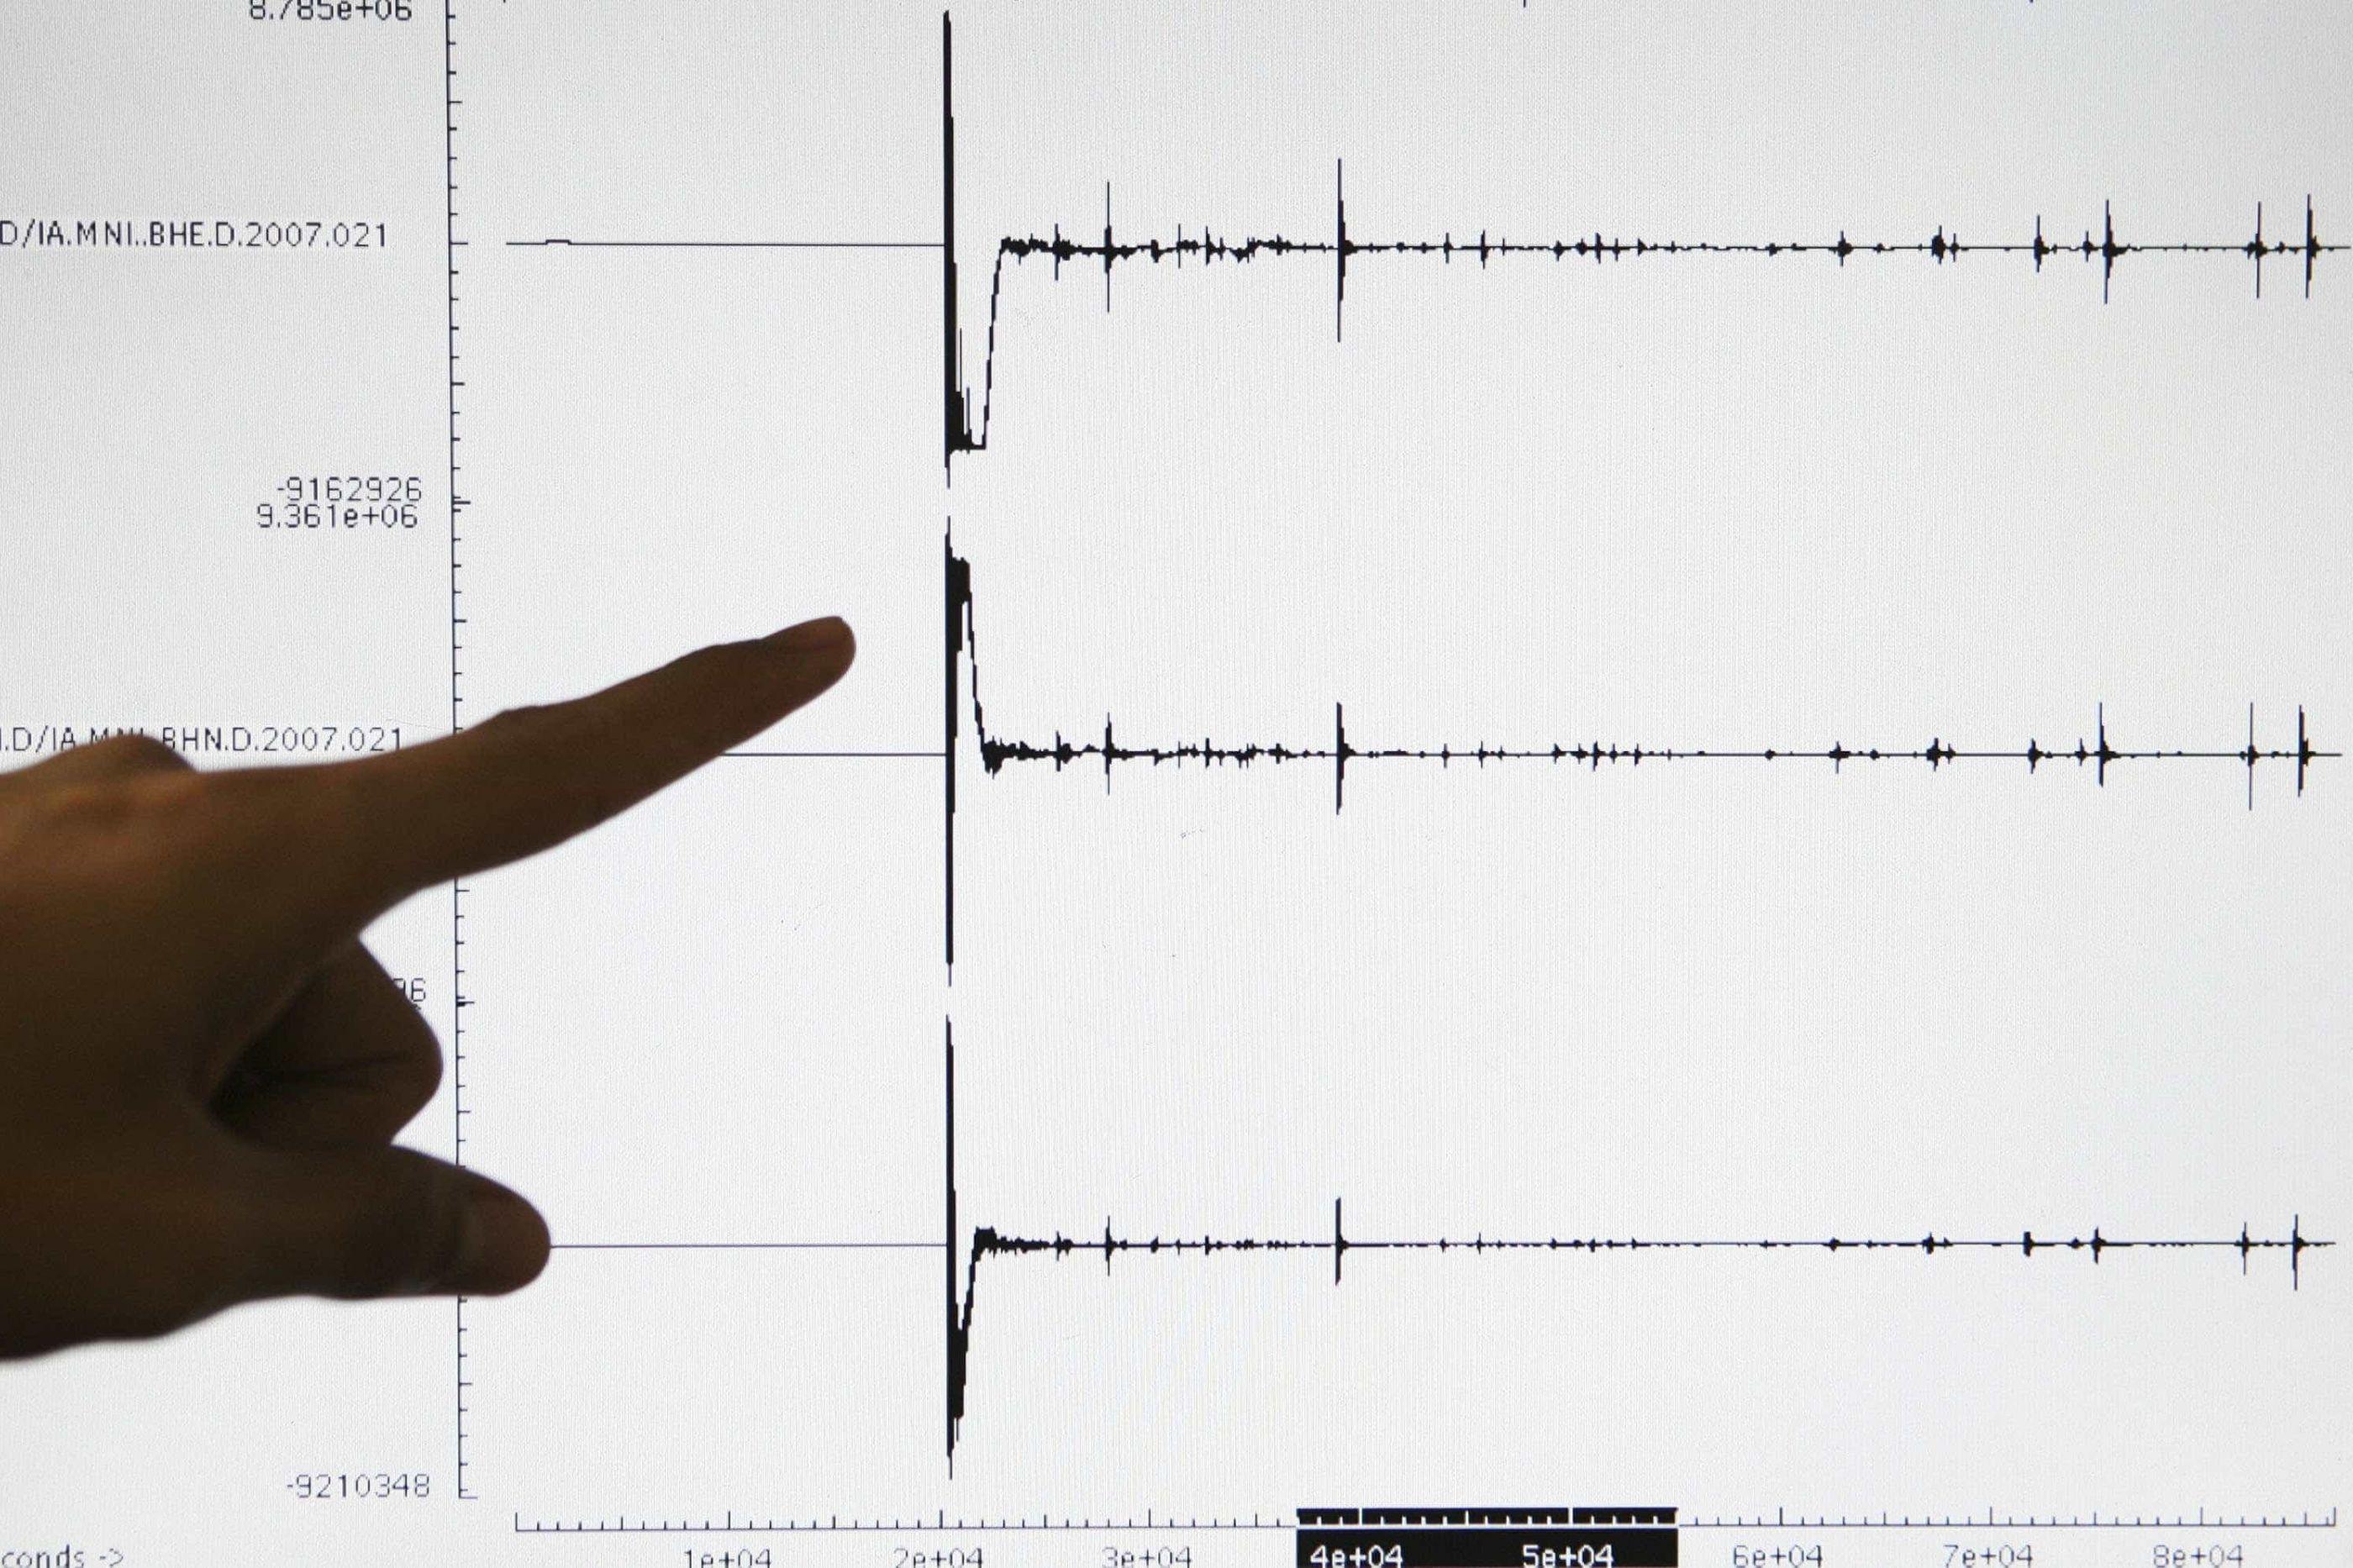 Sismo de magnitude 3.3 registado em Silves